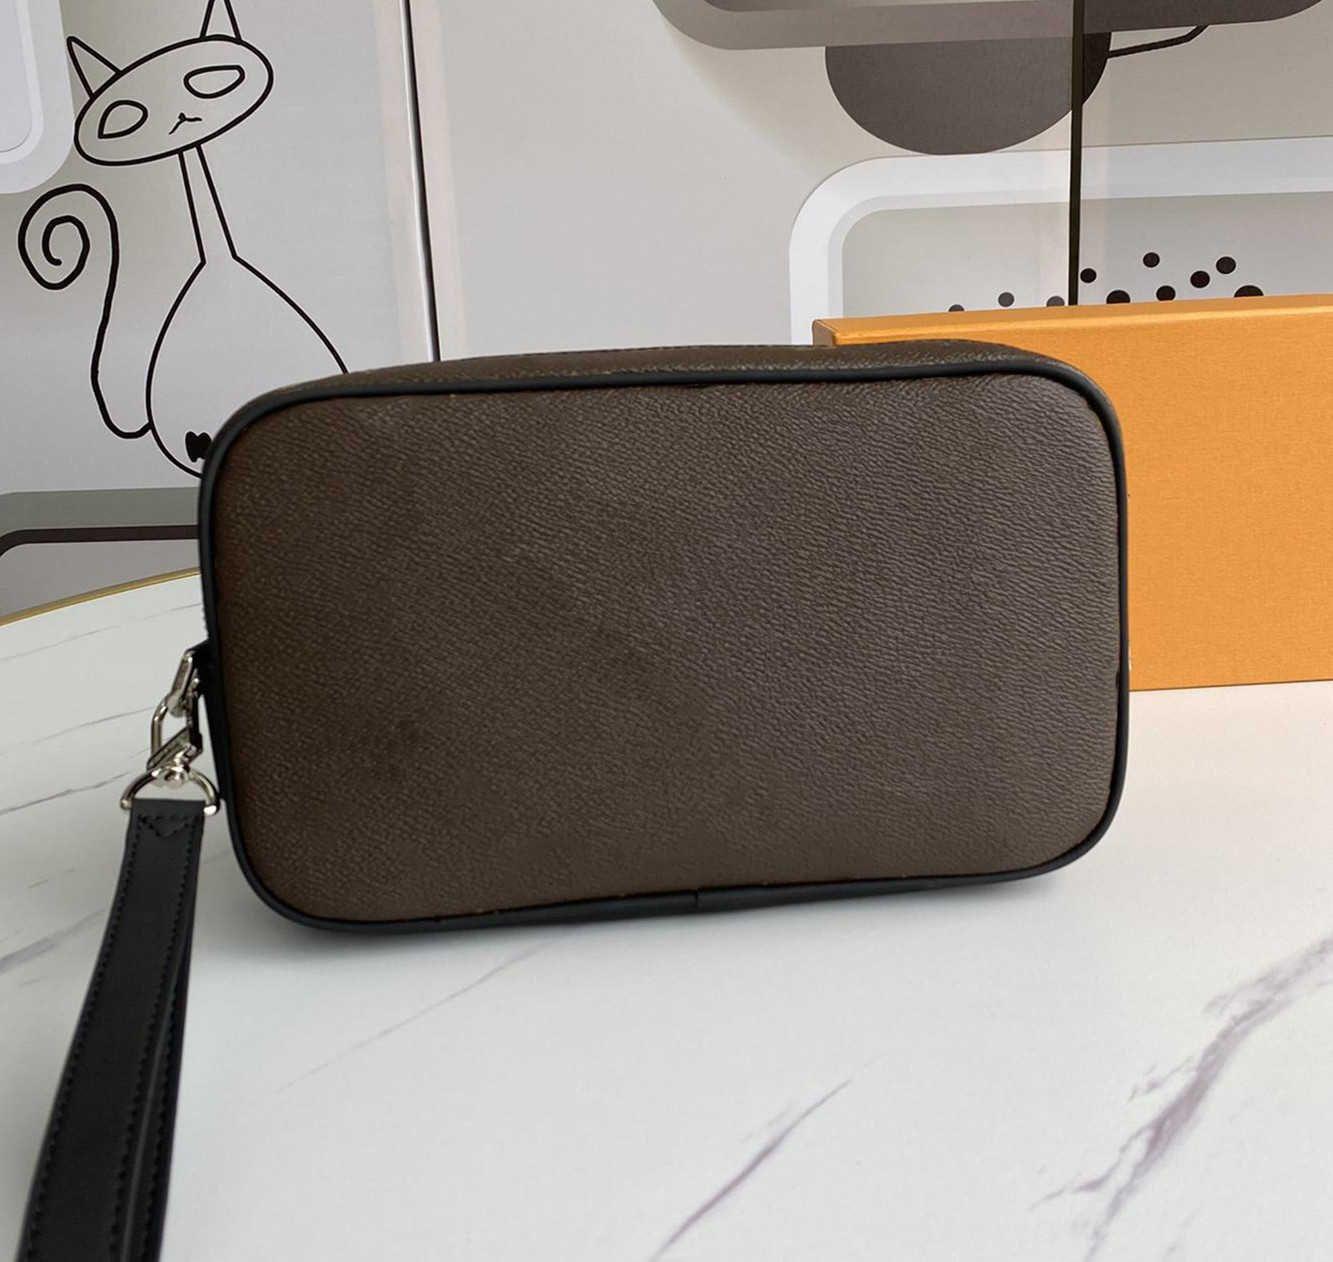 Yüksek Kalite 2021 Luxurys Tasarımcılar Çanta Messenger Çanta Erkek Kadın Tote Moda Vintage Baskı Mektup Omuz Klasik Crossbody